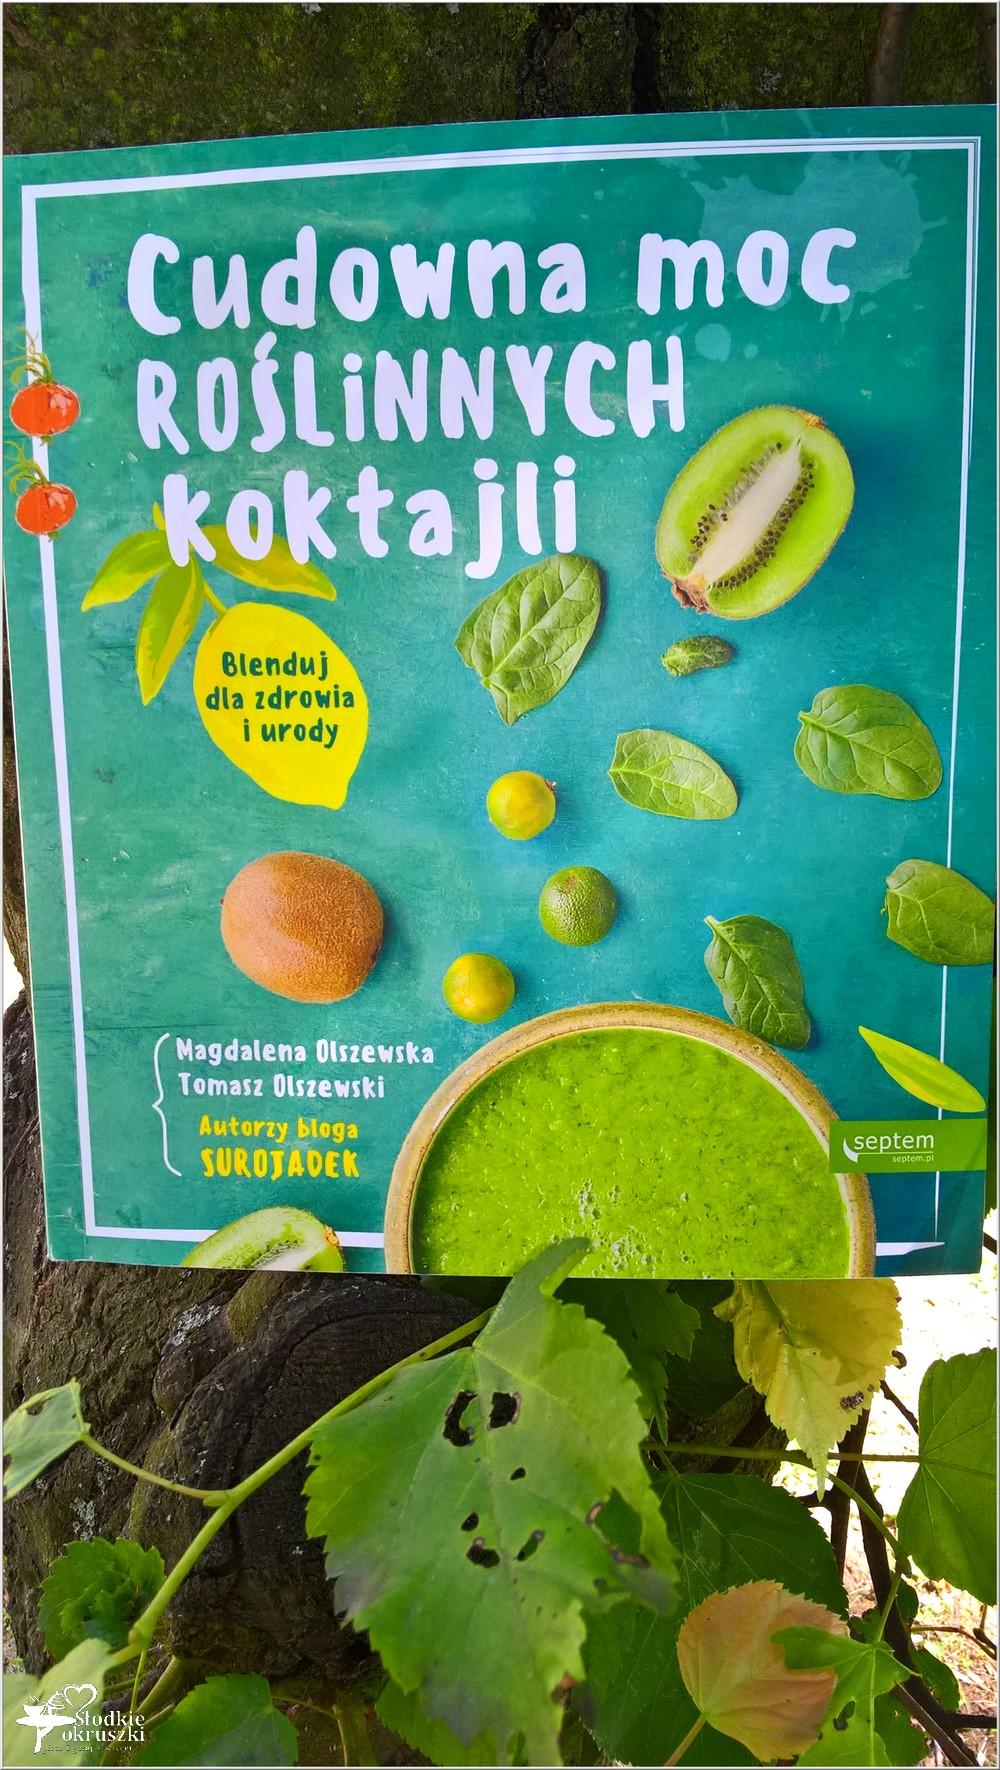 Cudowna moc roślinnych koktajli. Recenzja (1)